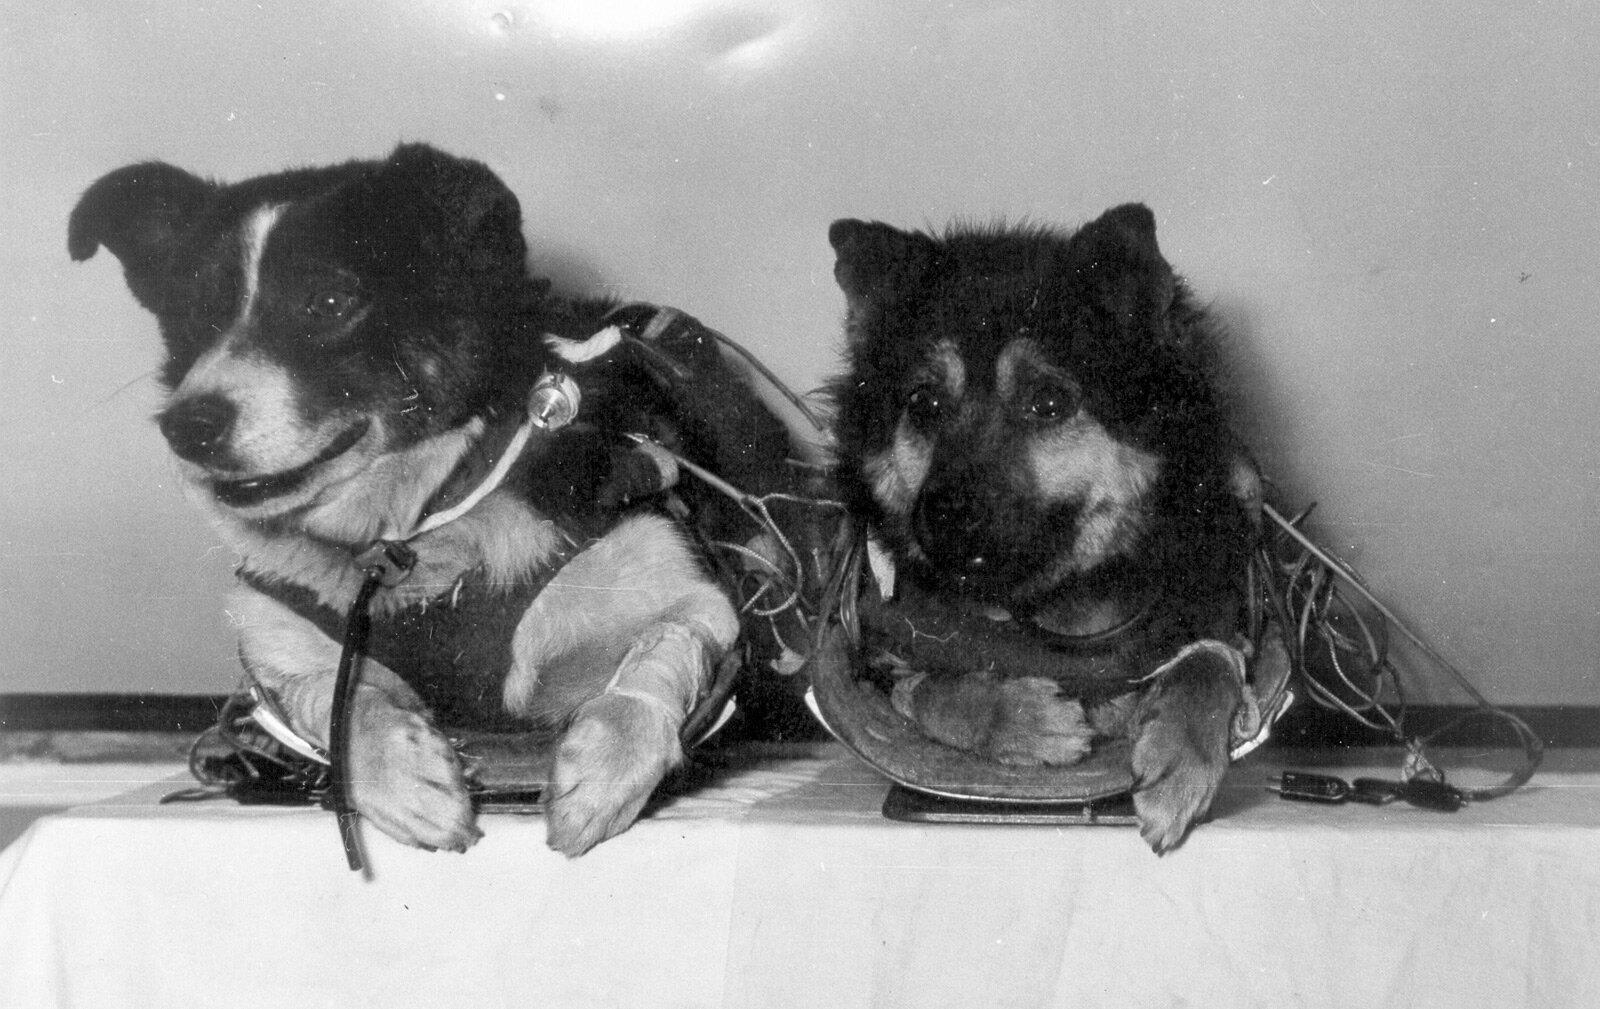 Собаки Ветерок и Уголек. Из фондов Музея космонавтики